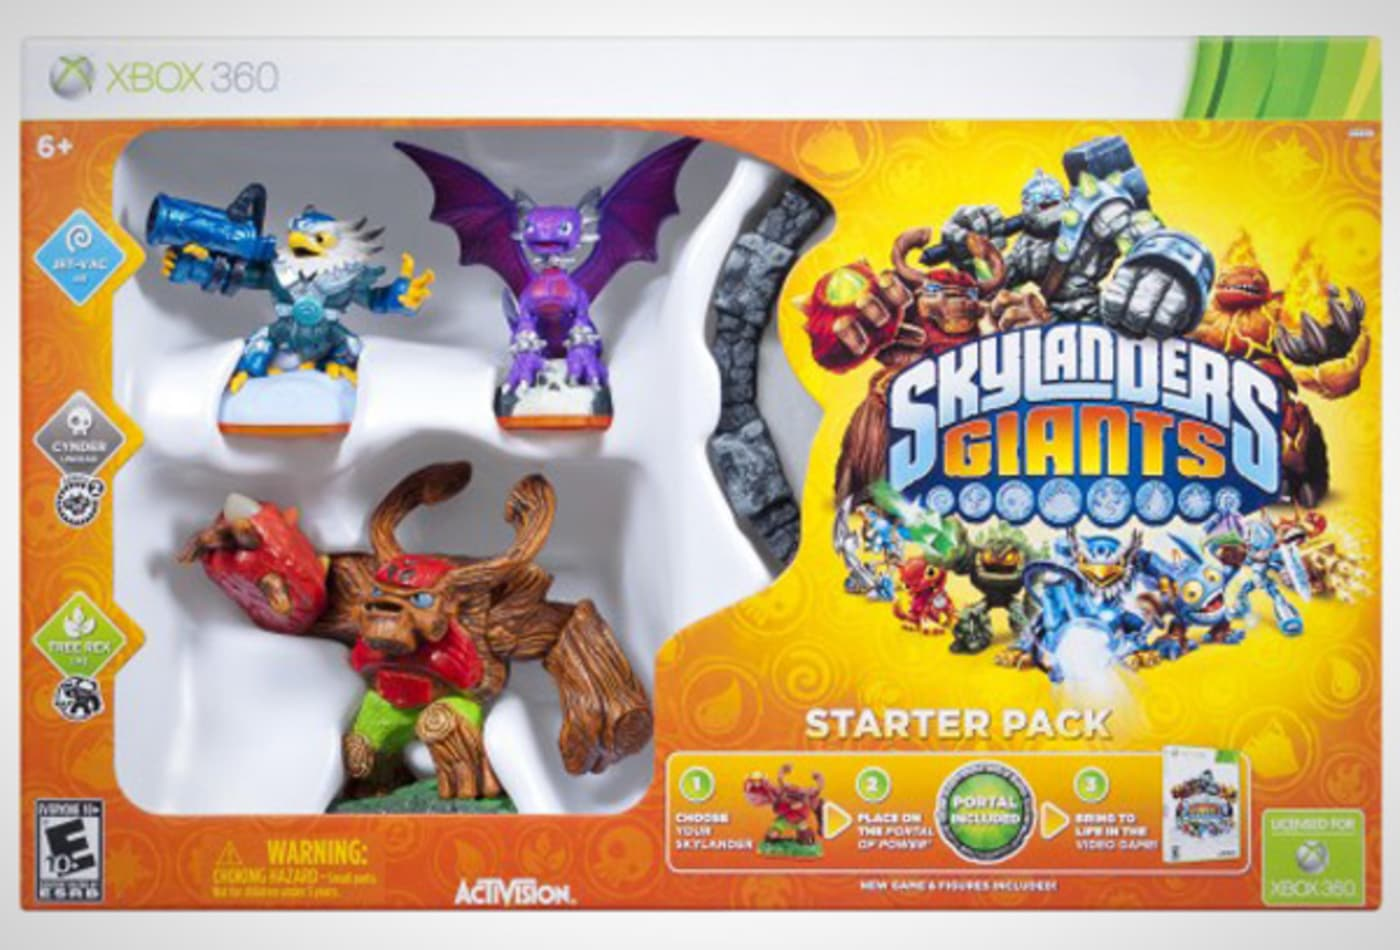 hot-toys-2012-skylander-starter-pack.jpg